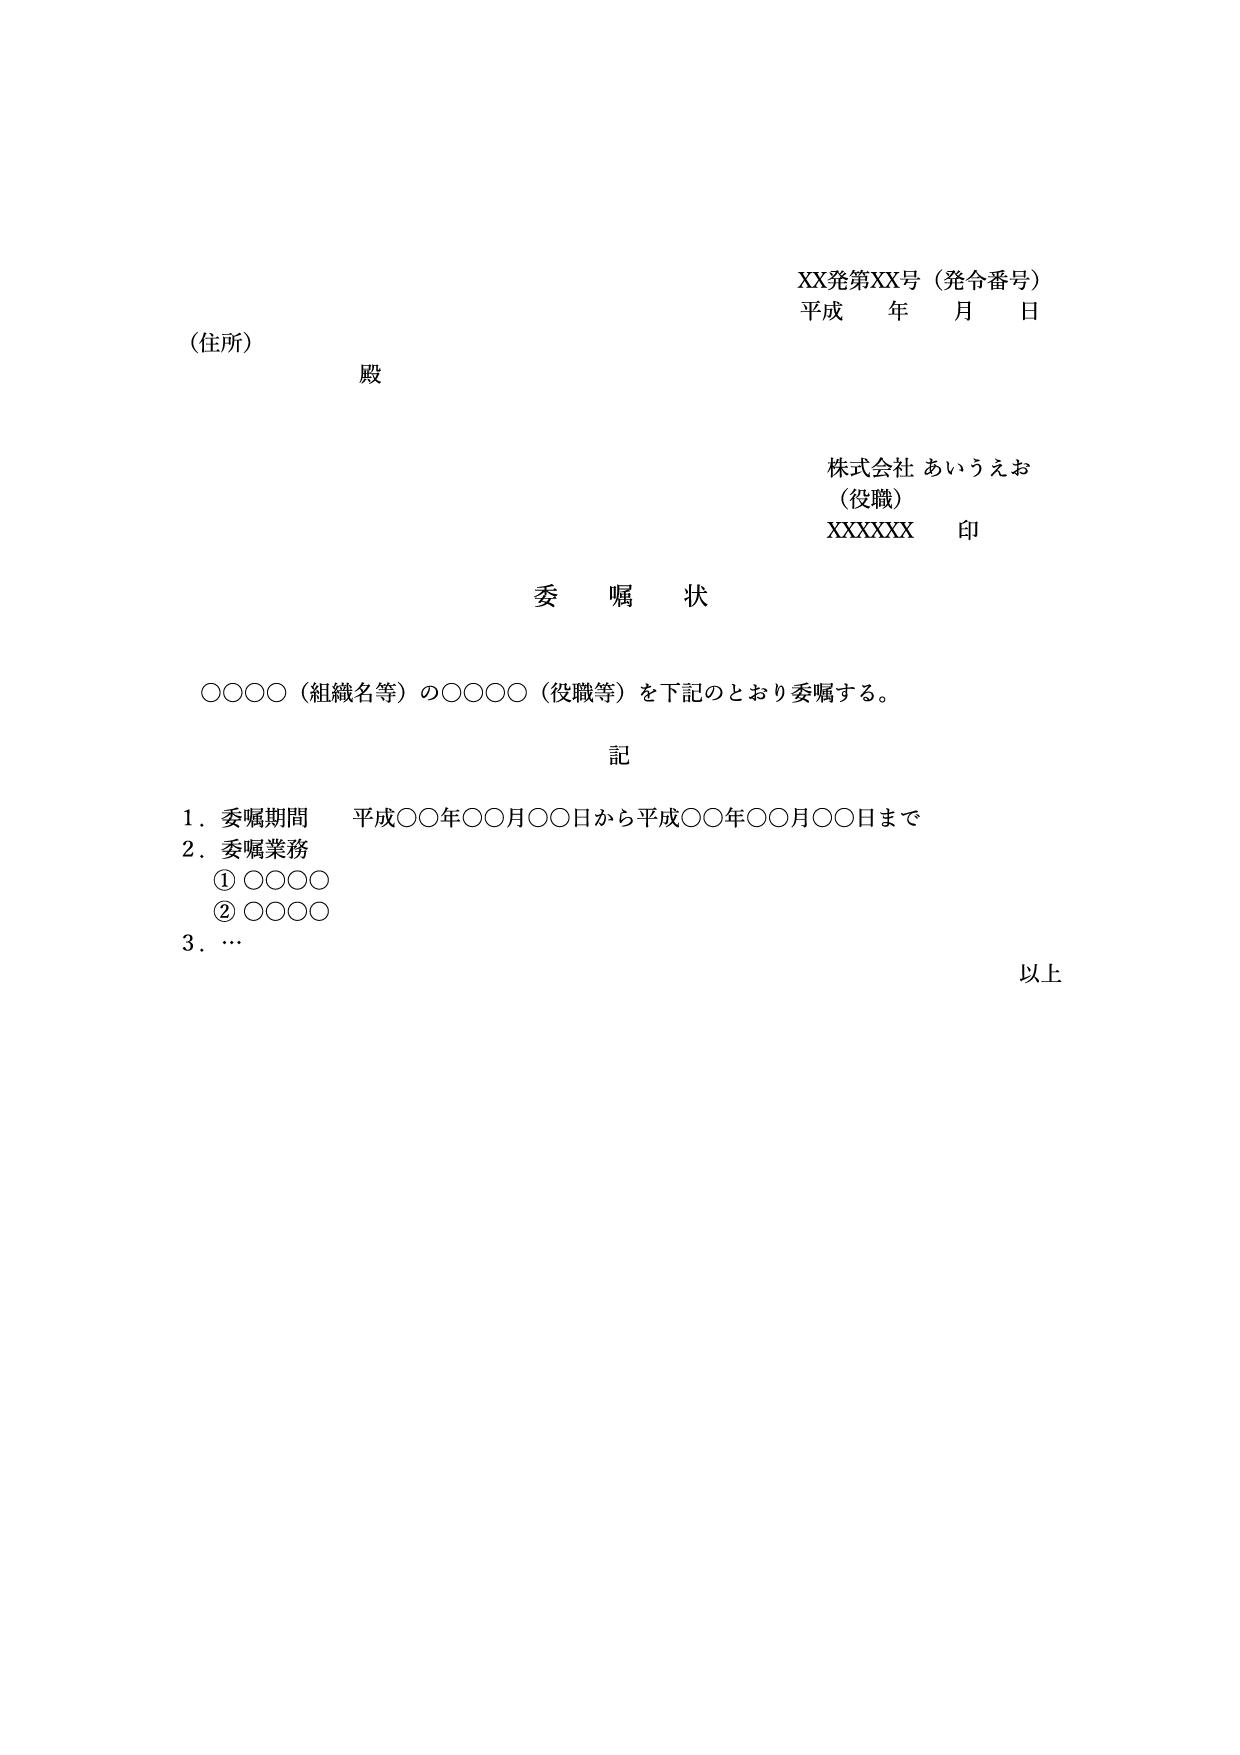 委嘱状テンプレート(ワード・ページズ)